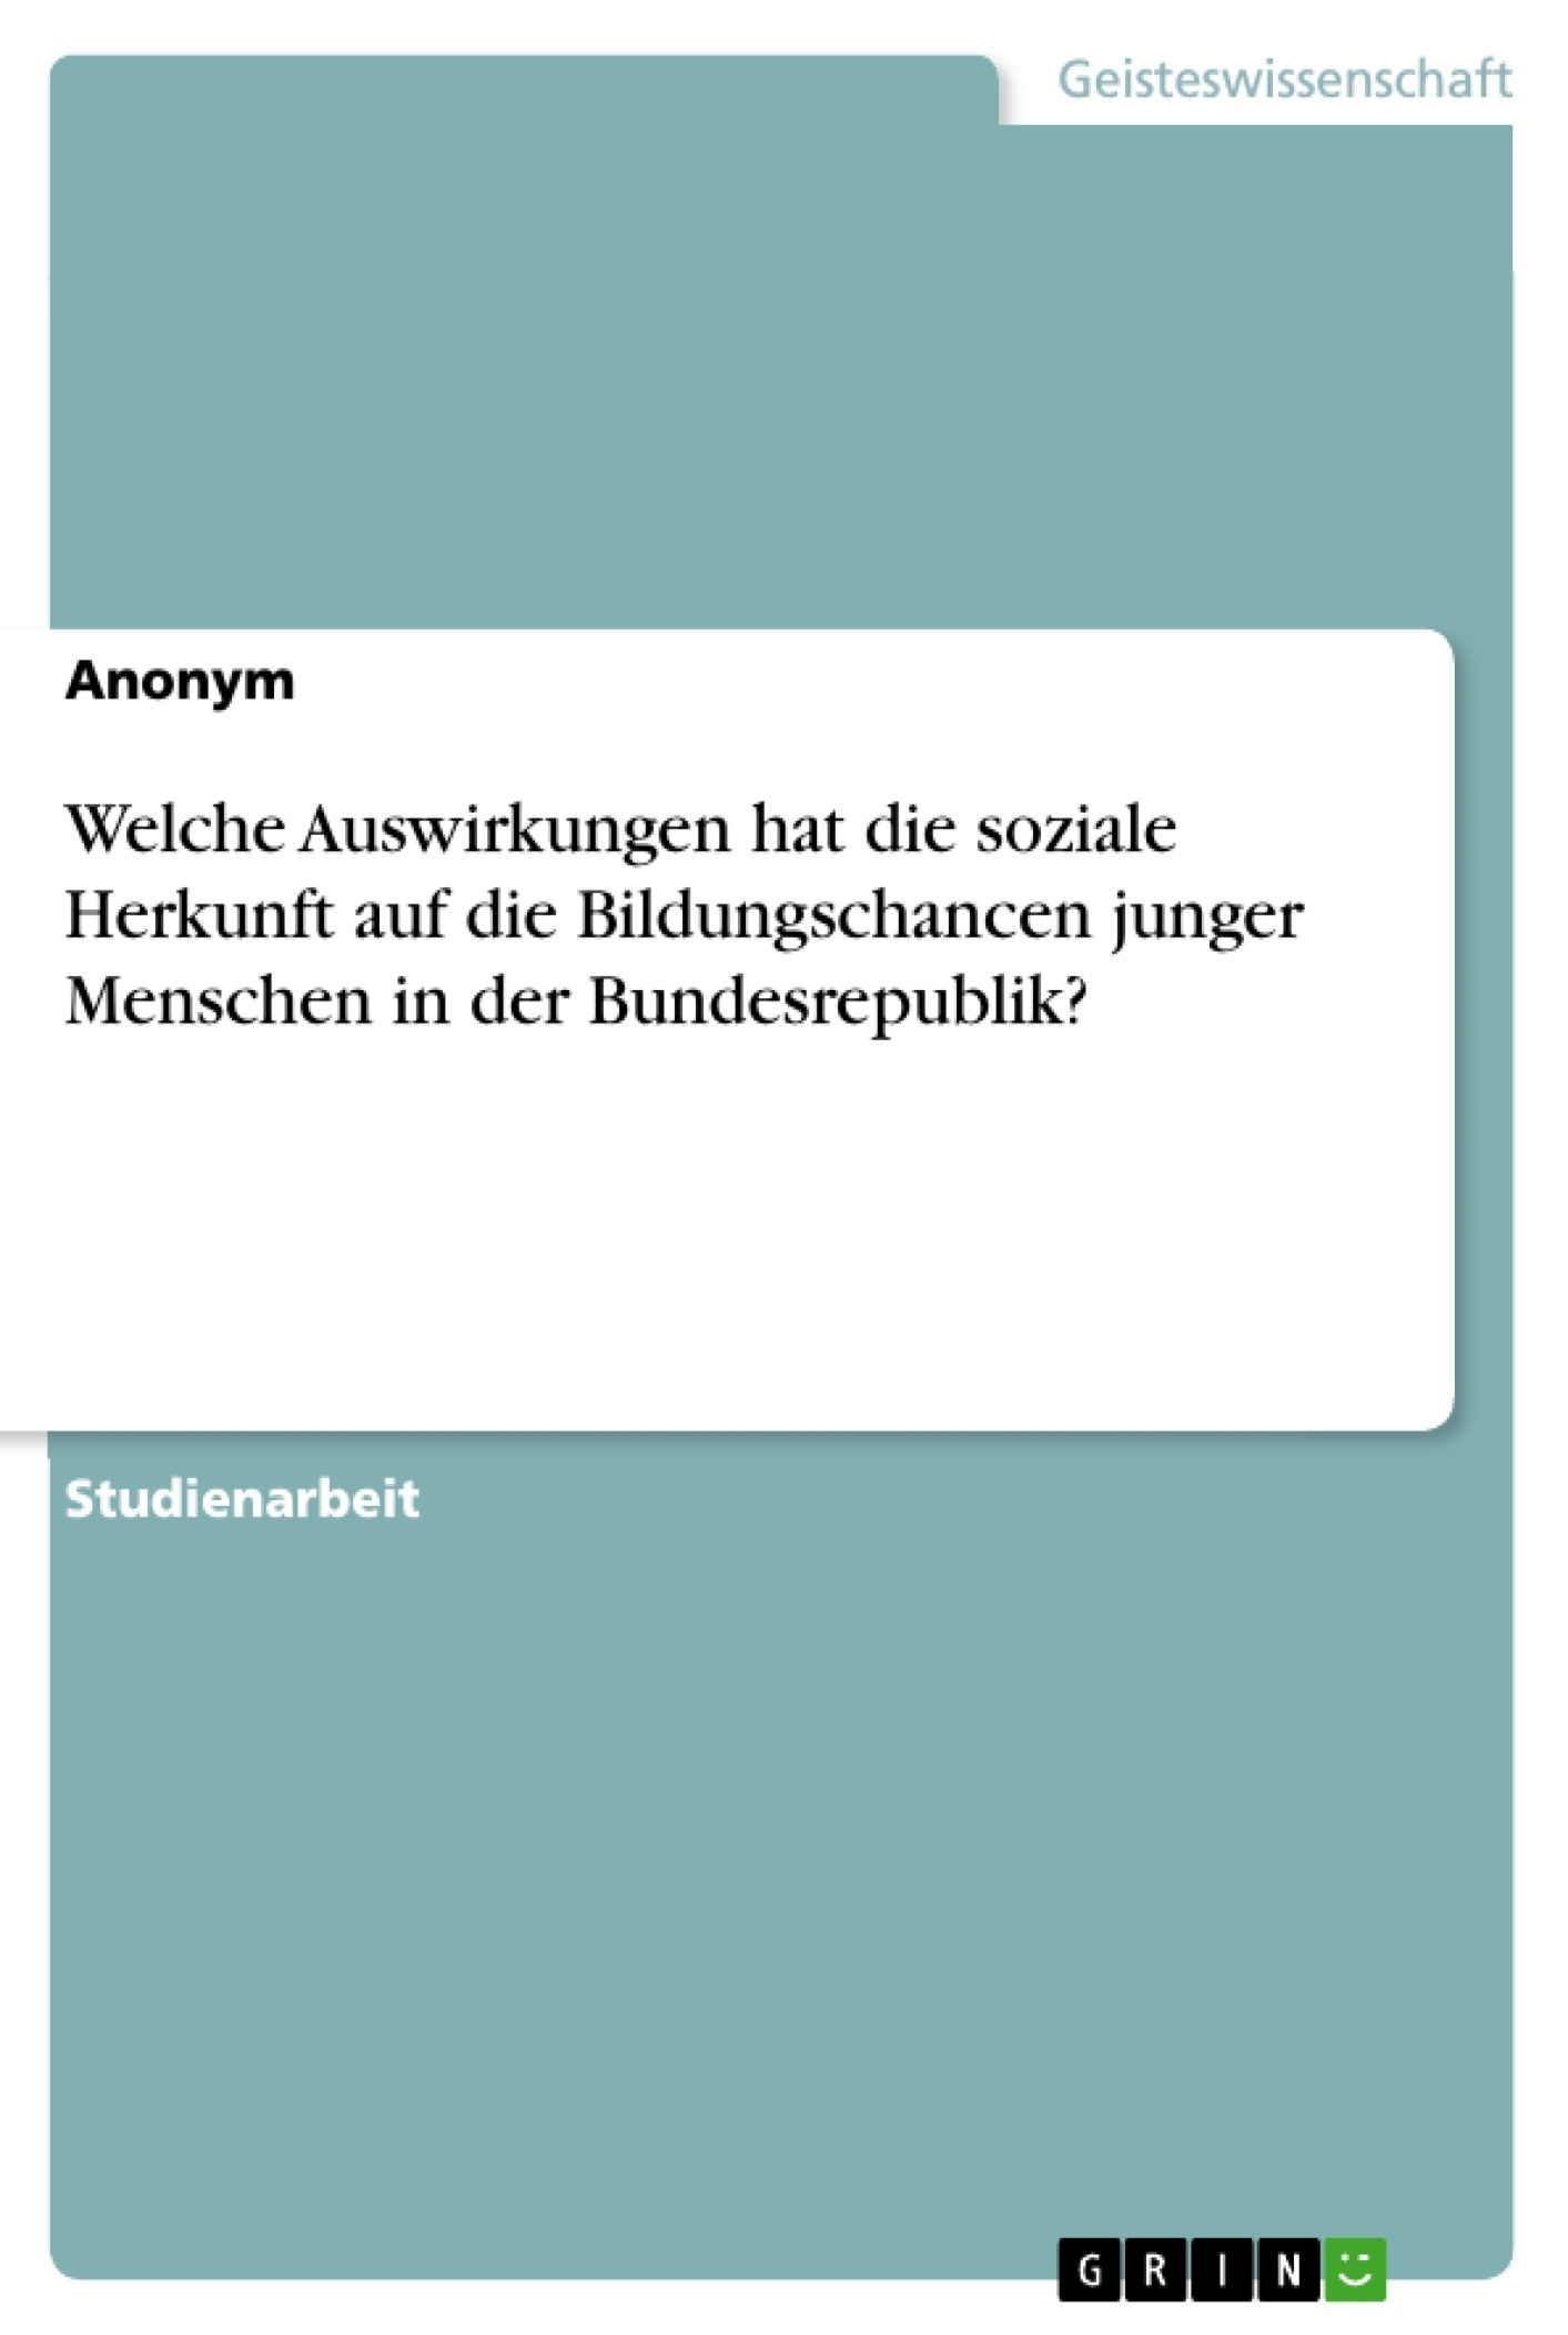 Titel: Welche Auswirkungen hat die soziale Herkunft auf die Bildungschancen junger Menschen in der Bundesrepublik?